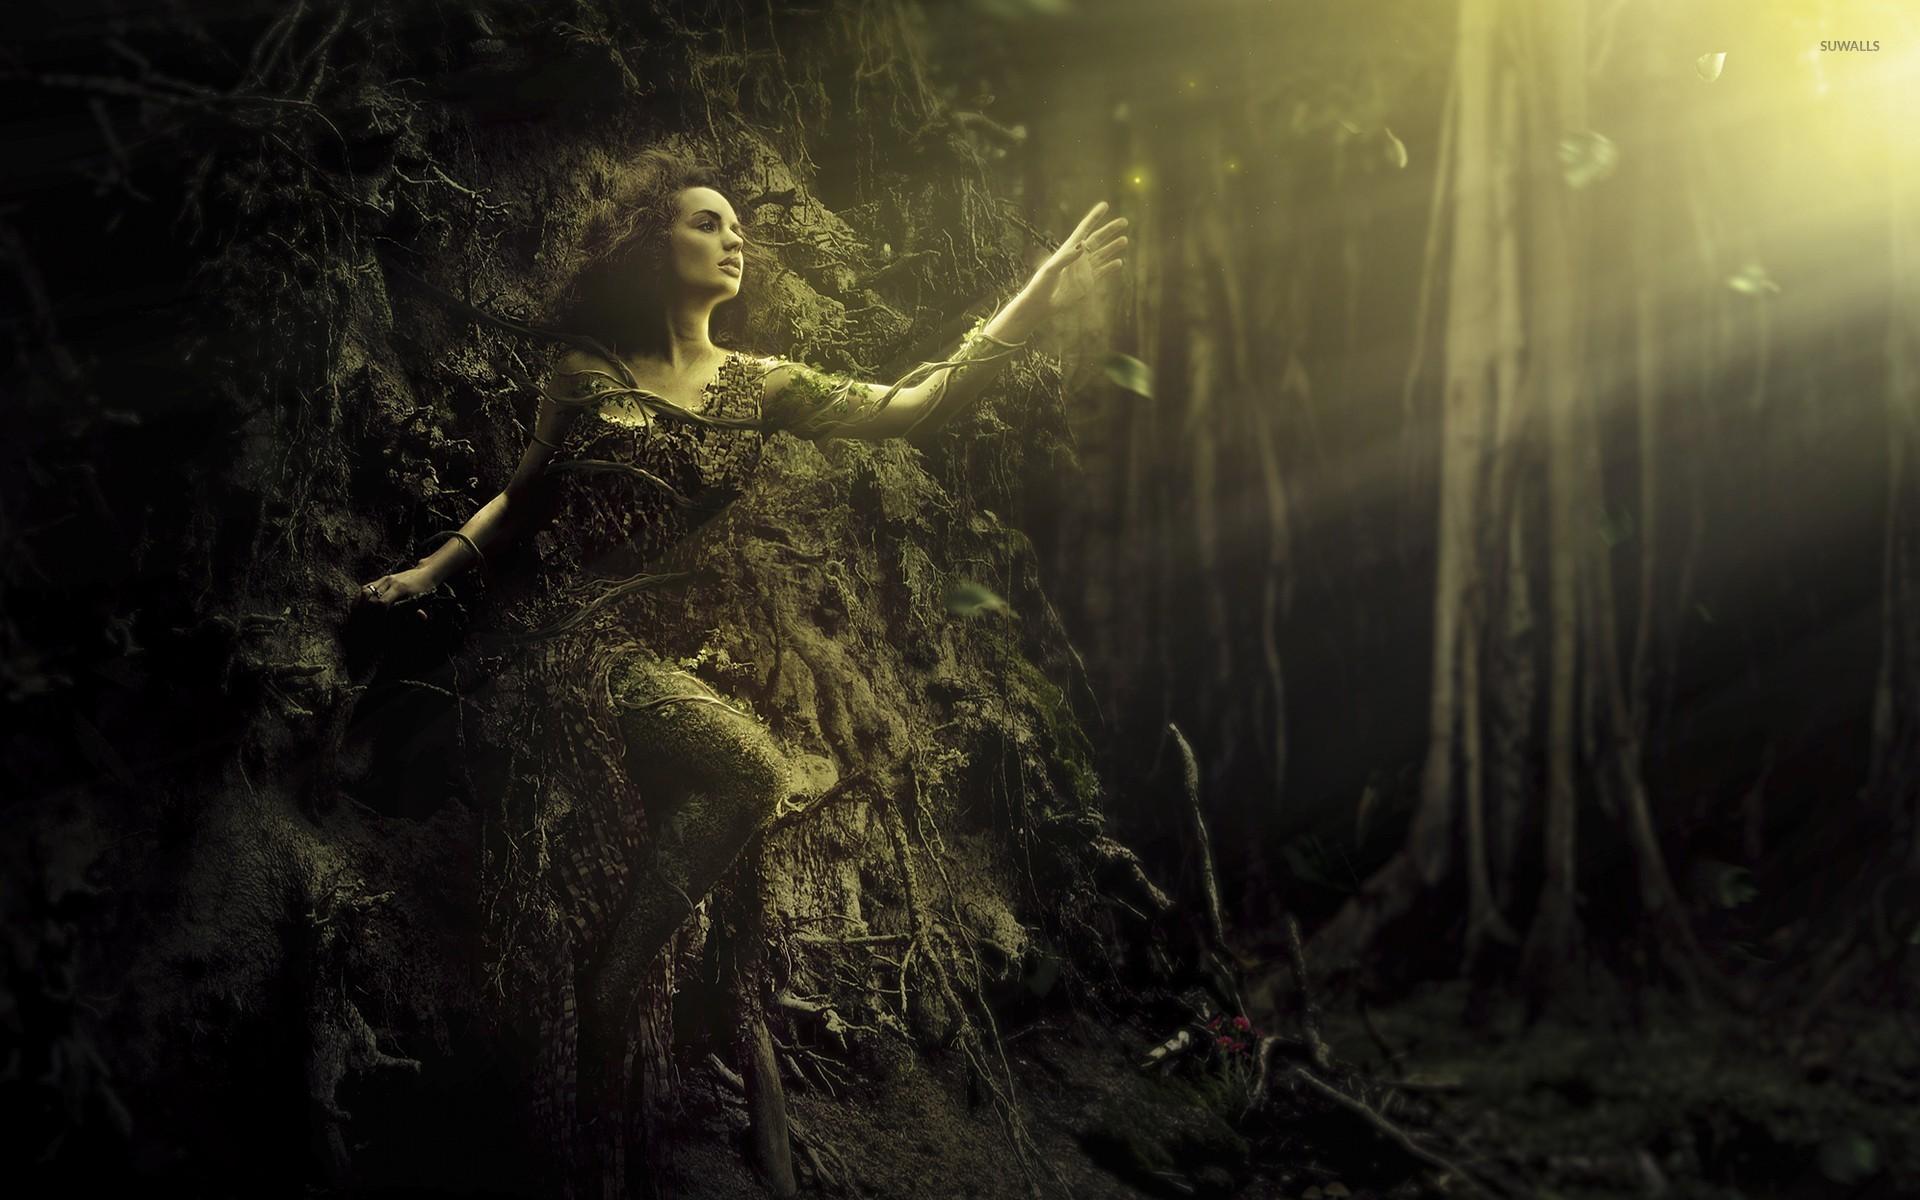 Girl in a tree wallpaper jpg